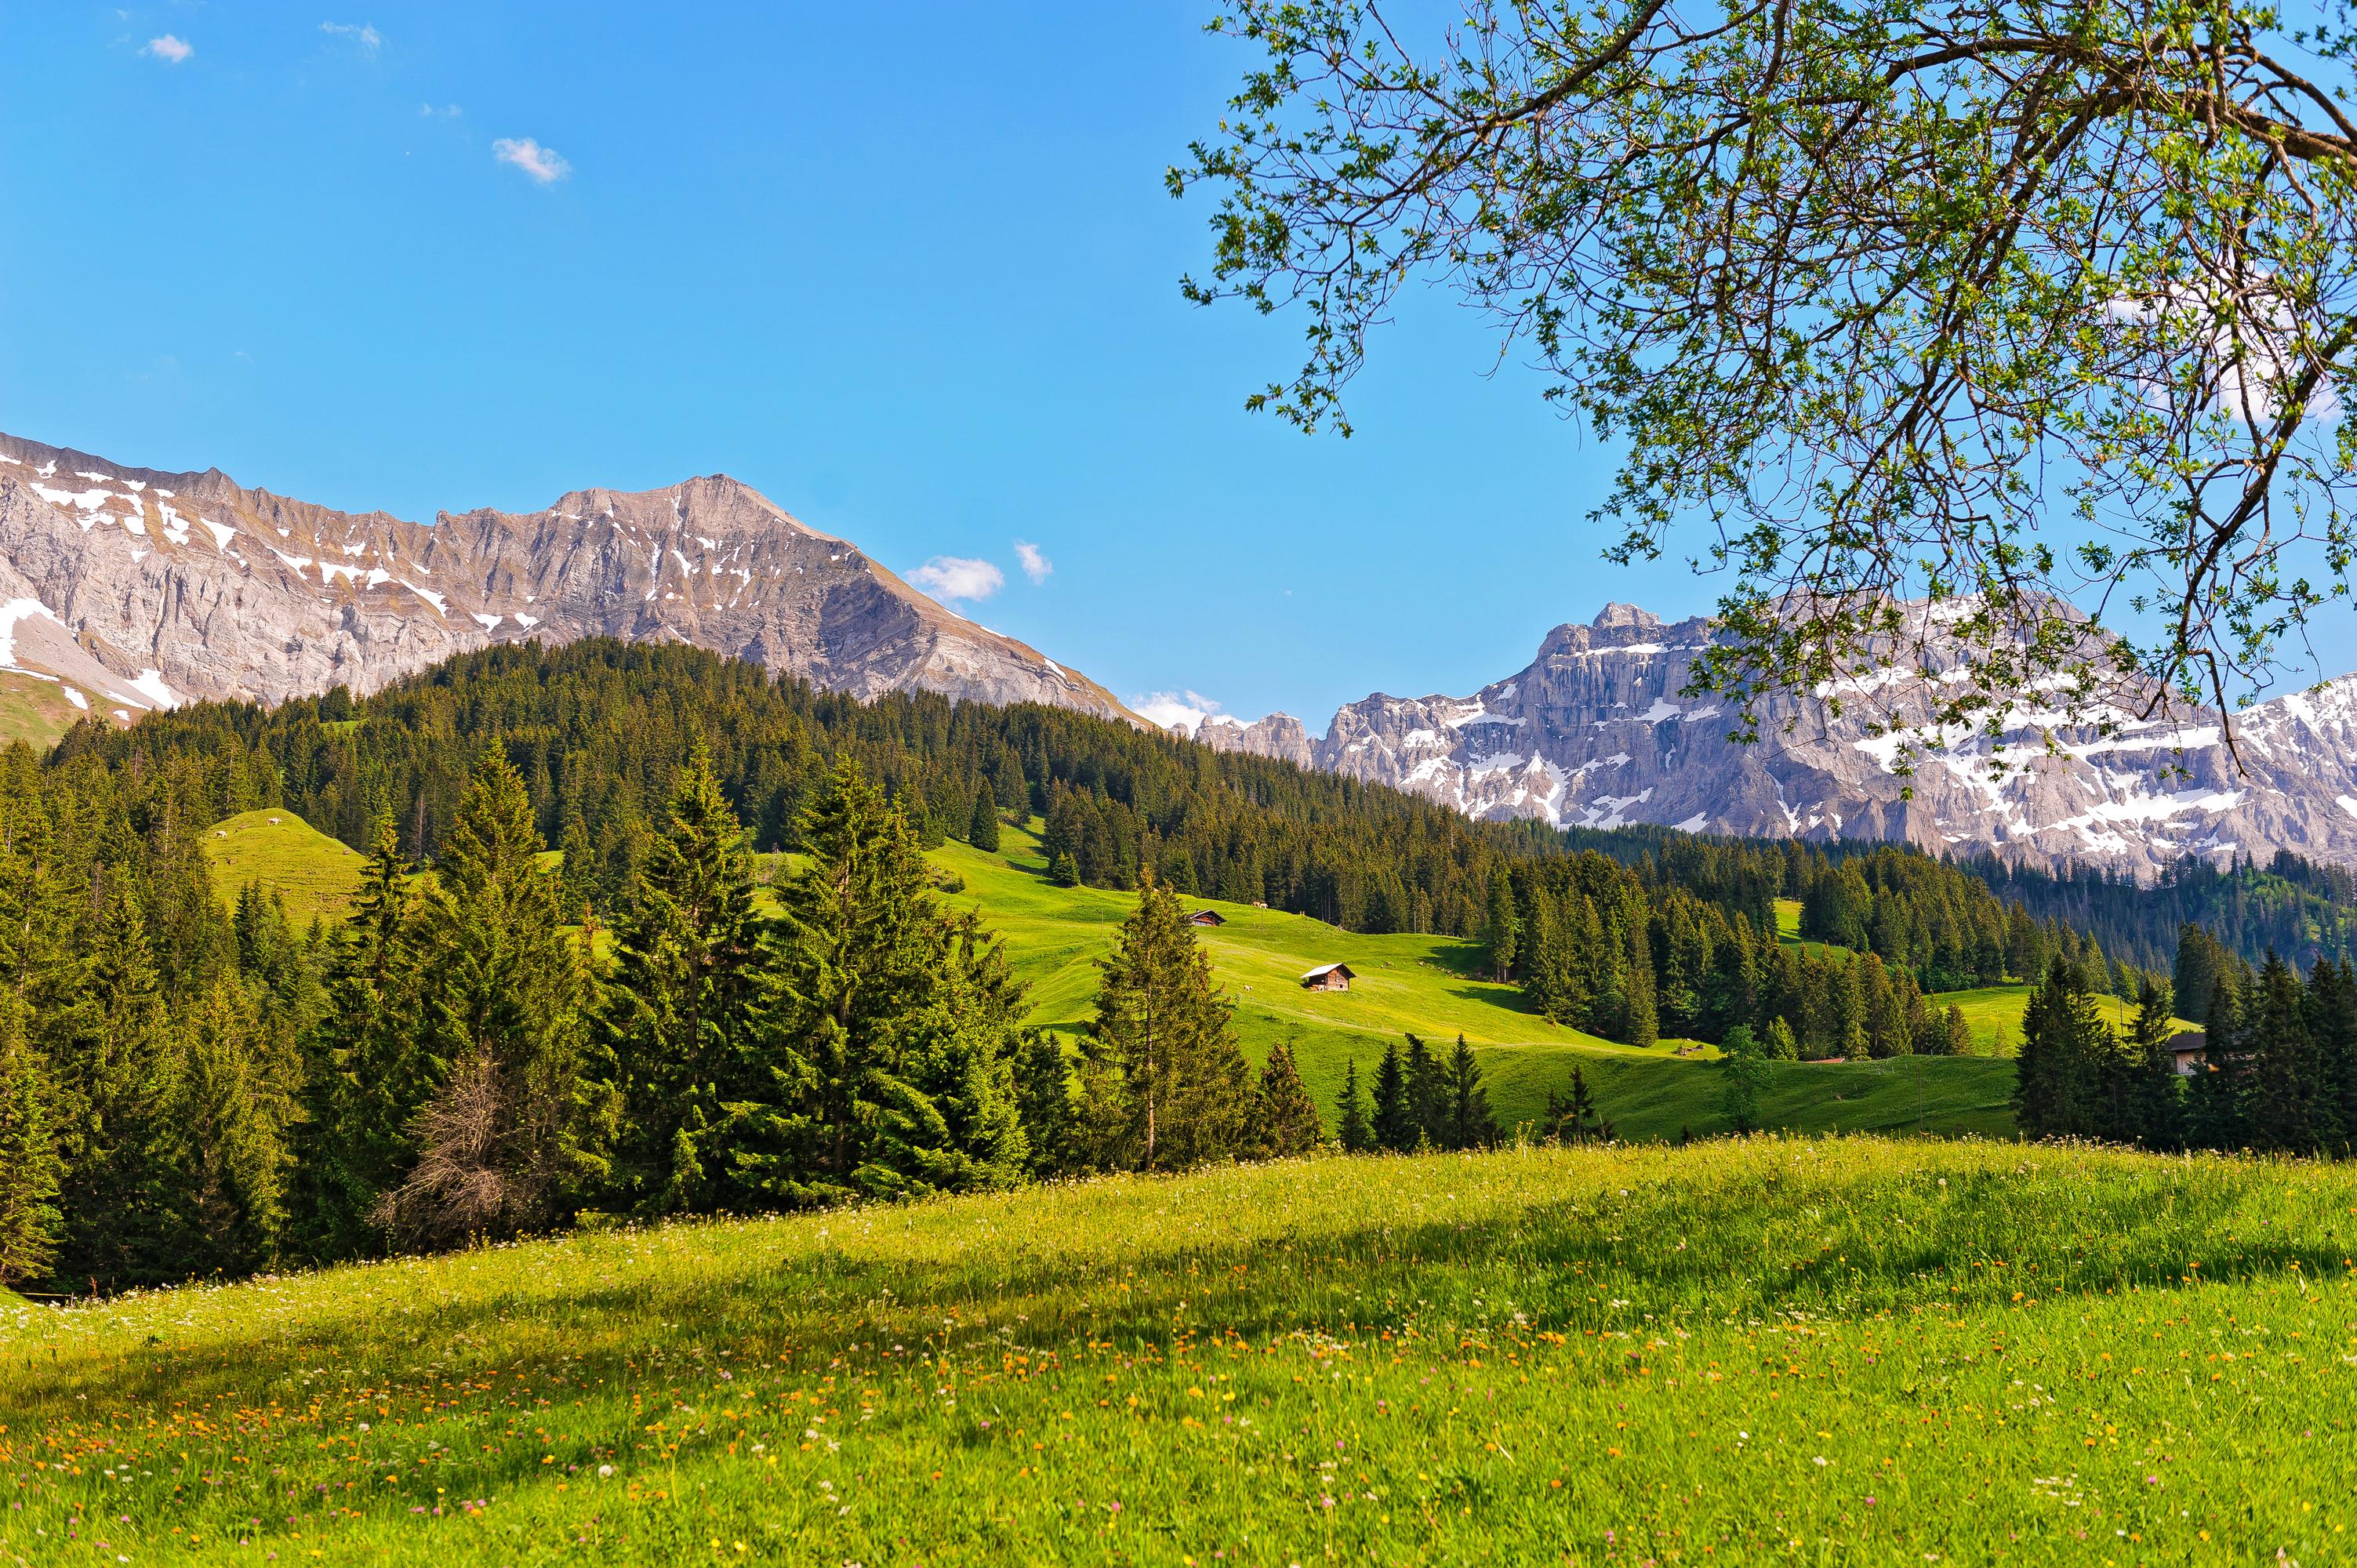 горы, ели, цветочная поляна  № 3587052 без смс